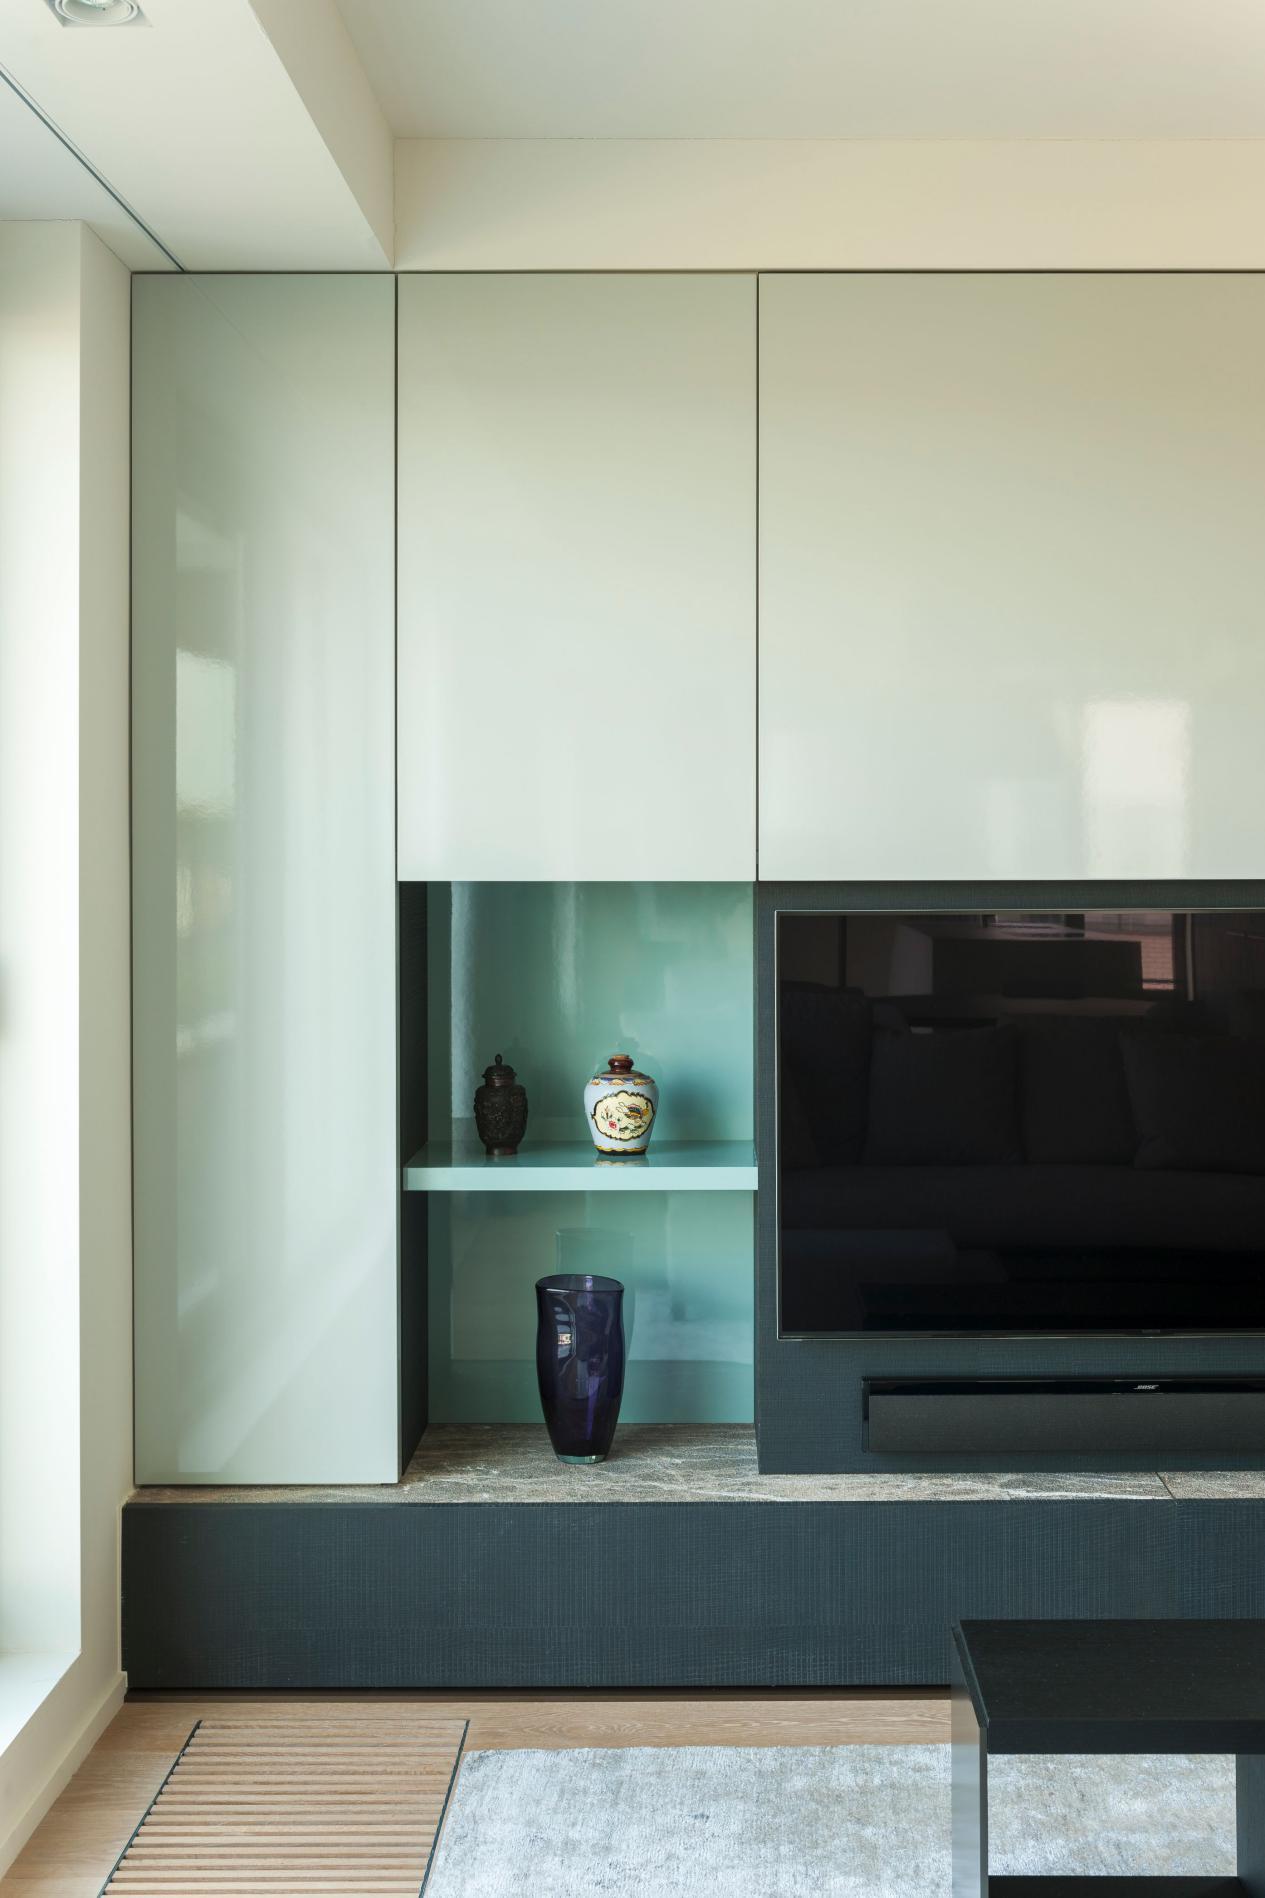 极简主义丁克夫妻的家,4间房打通,大开间东西不多,少了烟火气